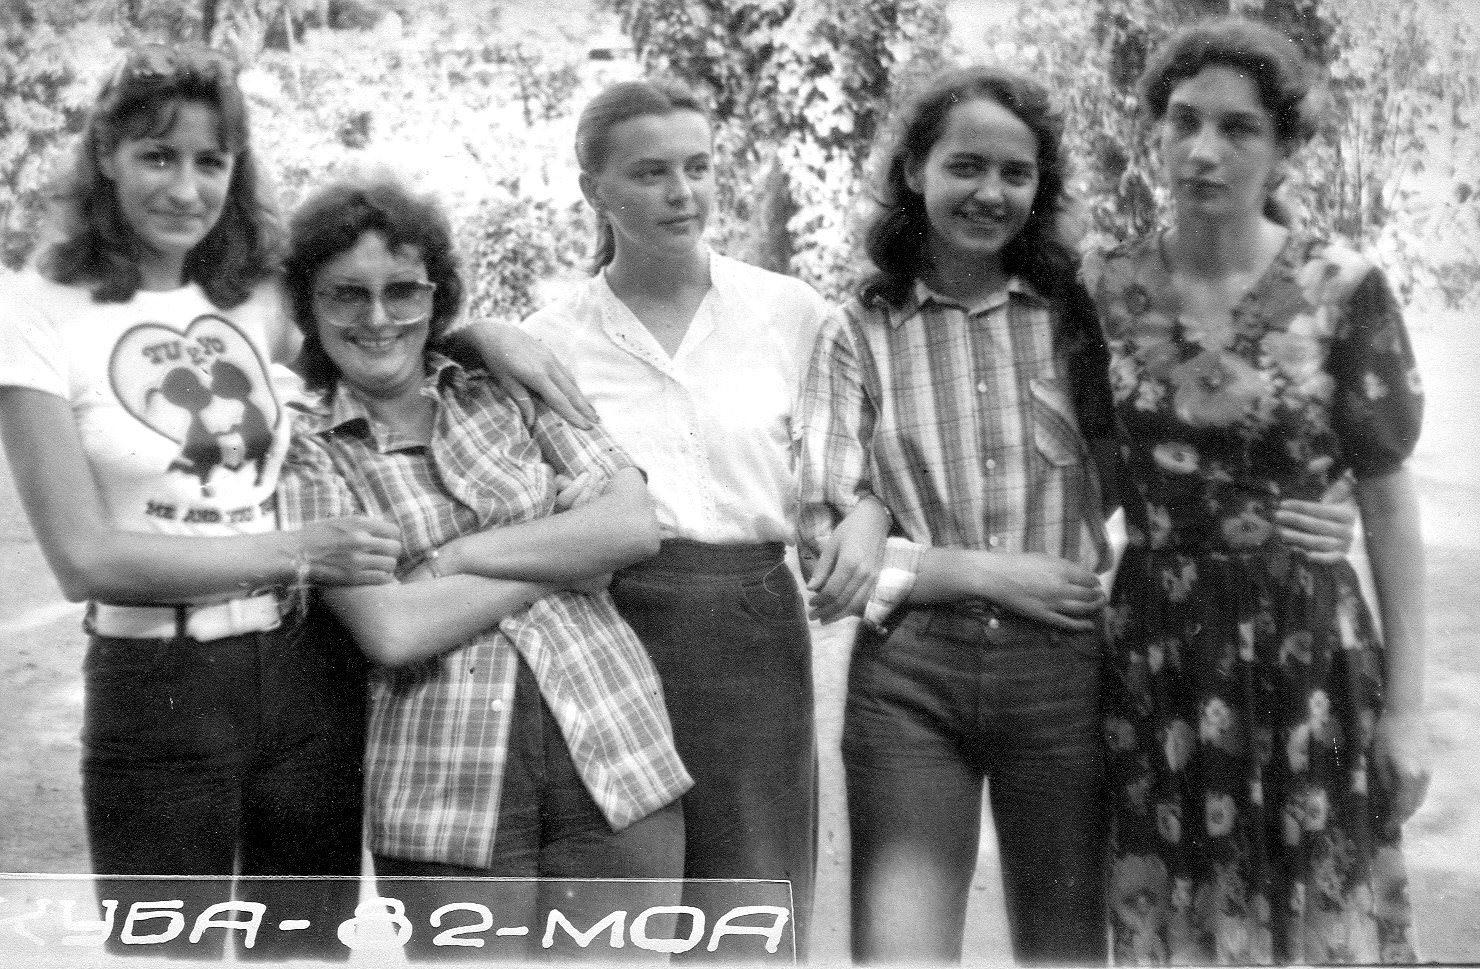 1982-1984. Проводы в аэропорту Моа